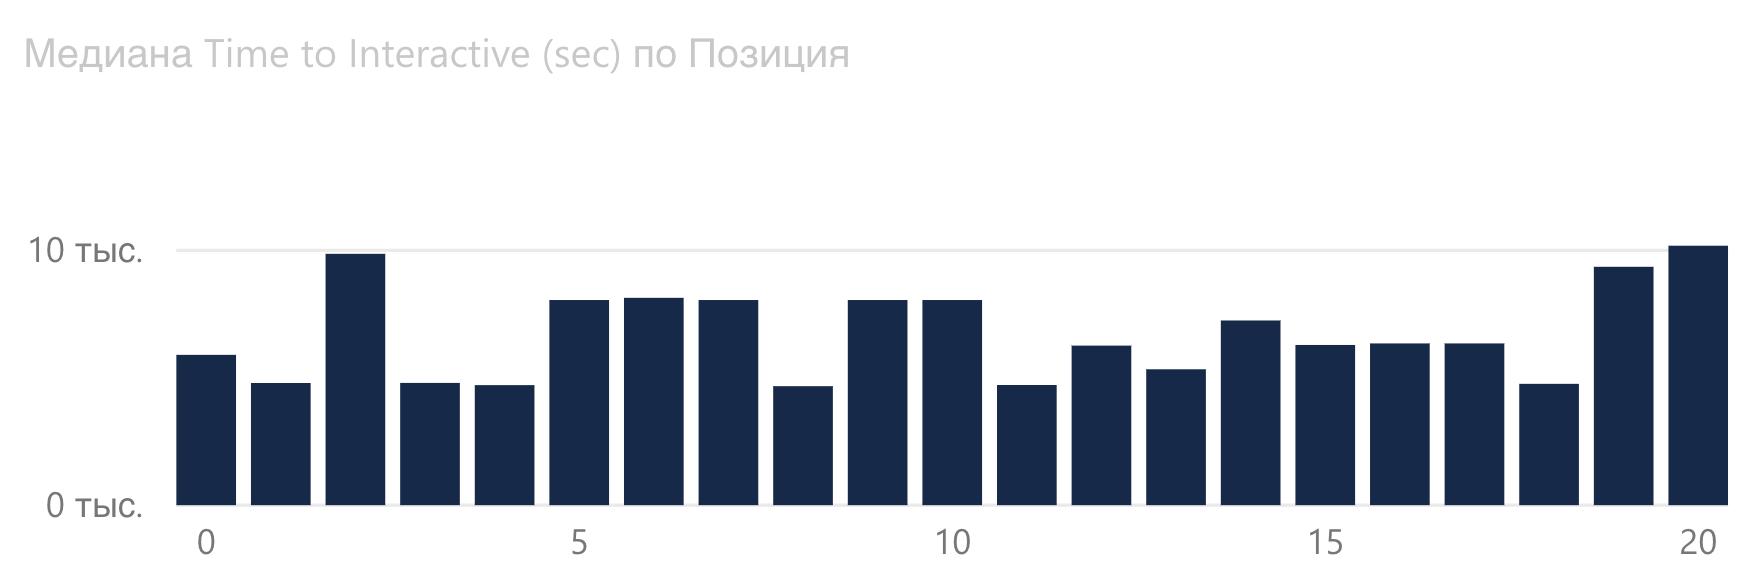 График зависимости Time to Interactive от позиции Google в финансовой сфере.